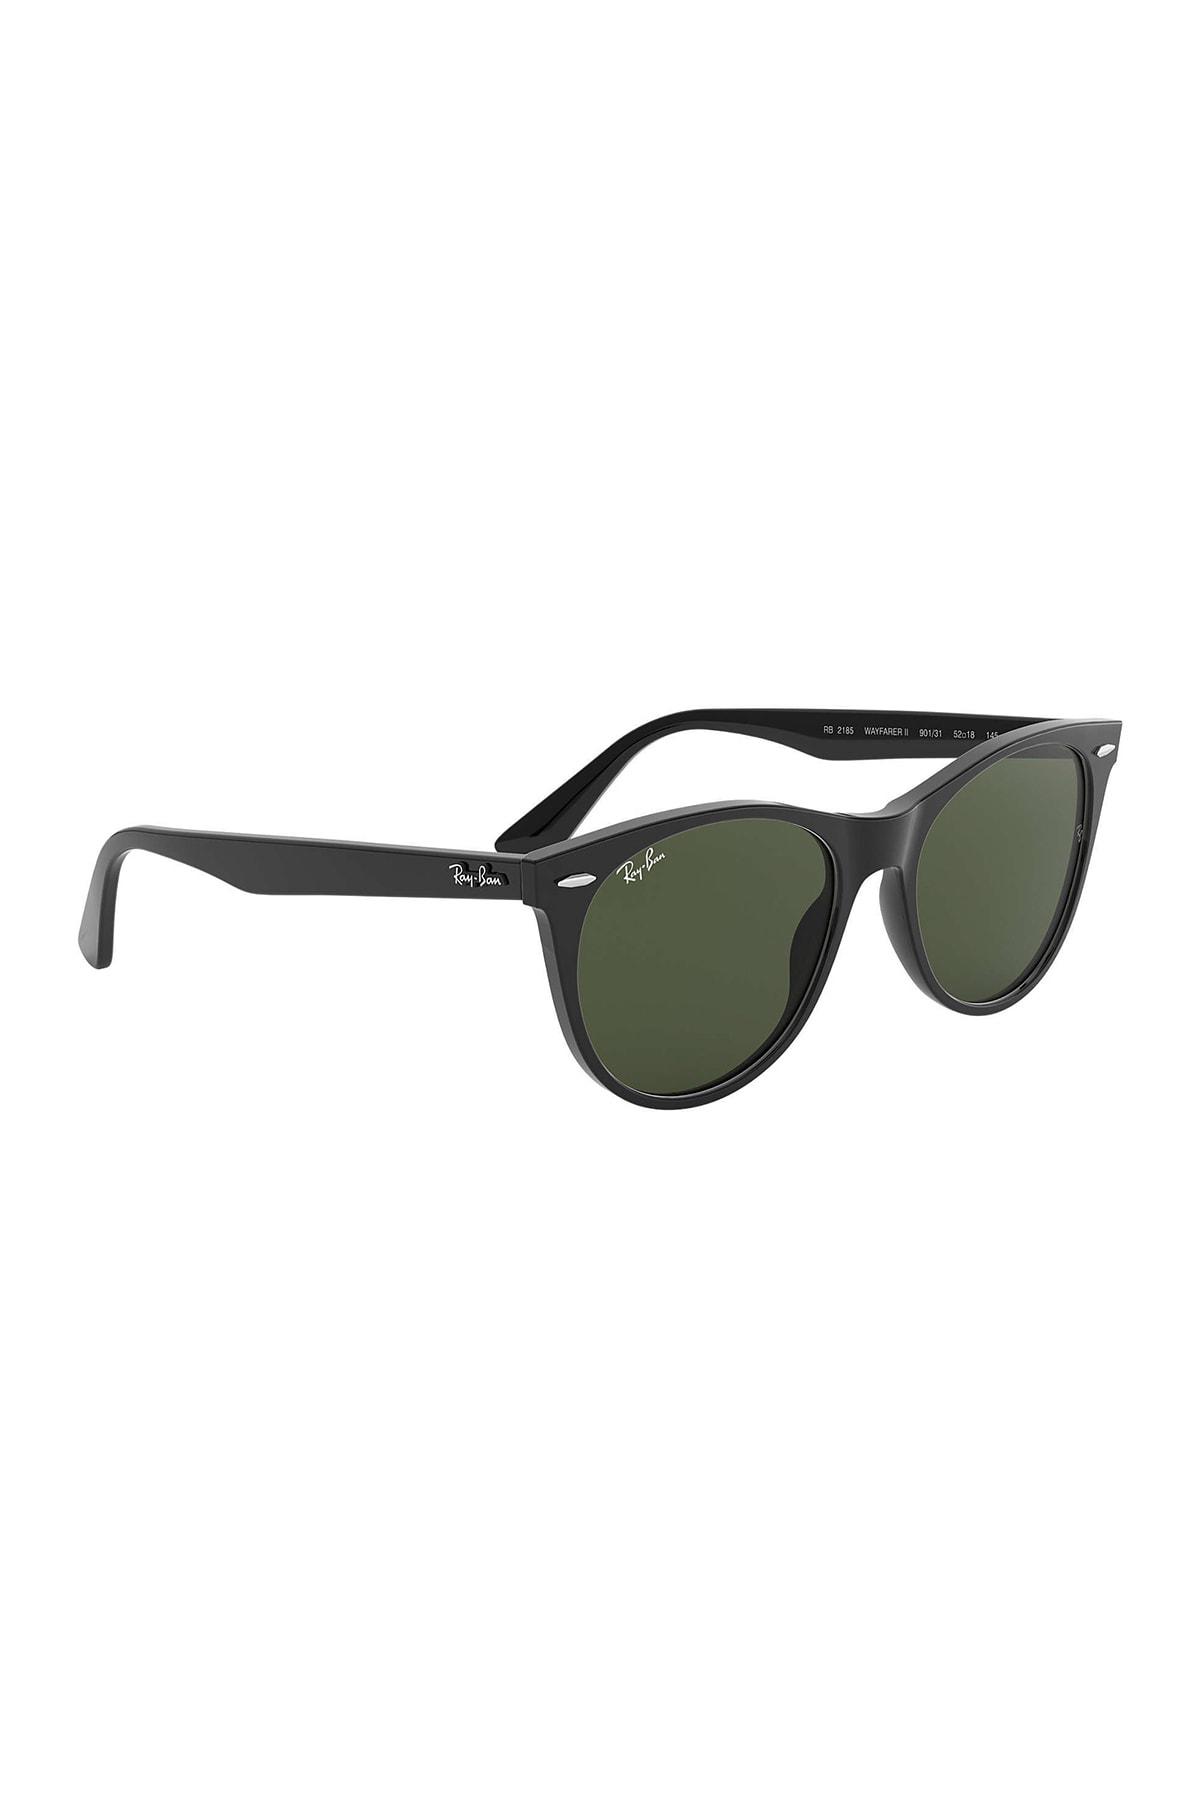 خرید نقدی عینک آفتابی زنانه ترک  برند ری بن کد ty6183625